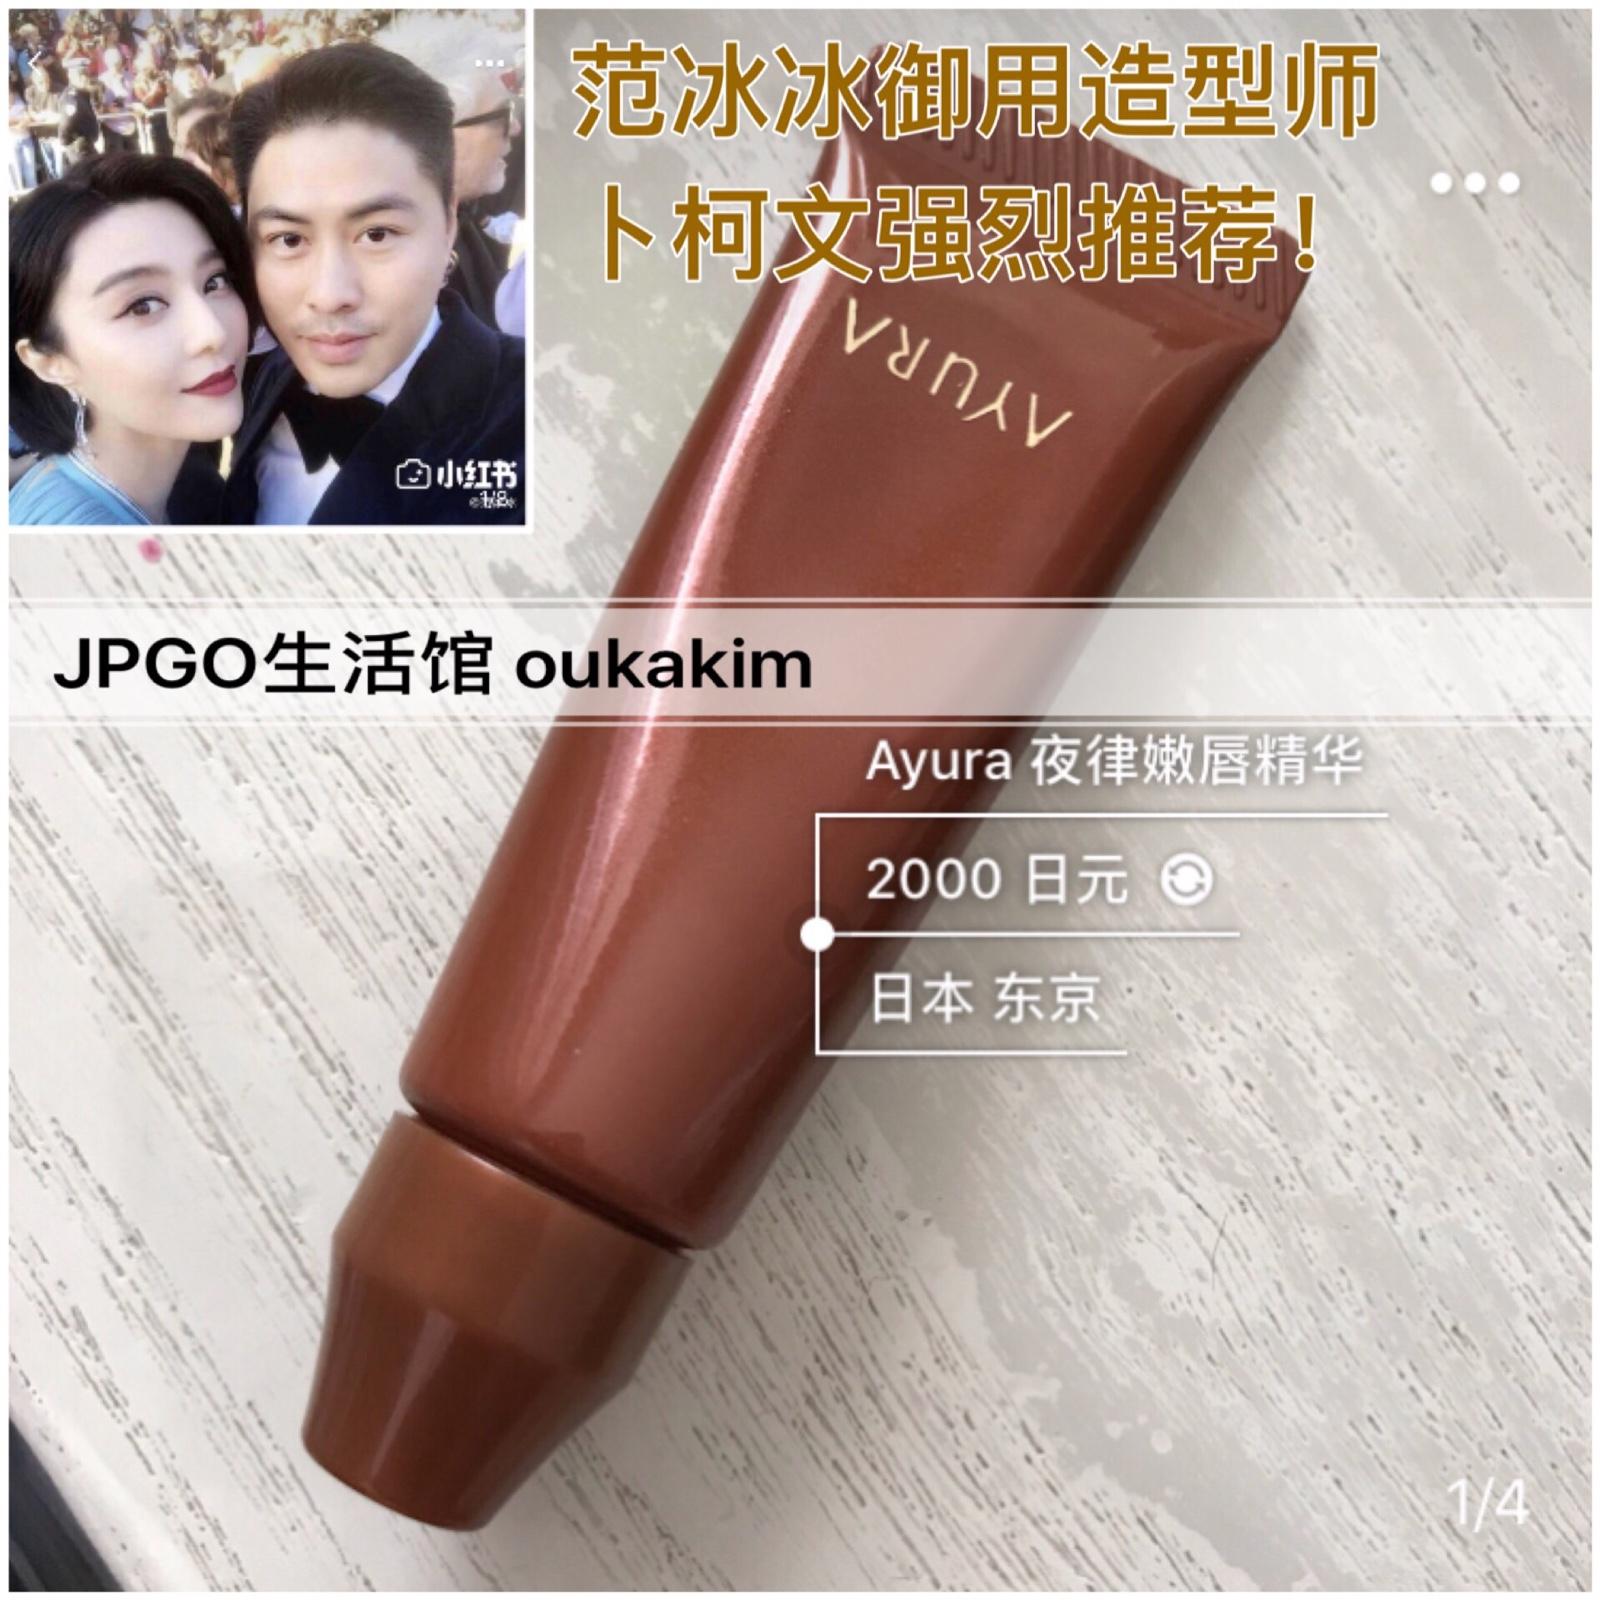 日本专柜AYURA  夜律唇部美容液10g 嫩唇精华